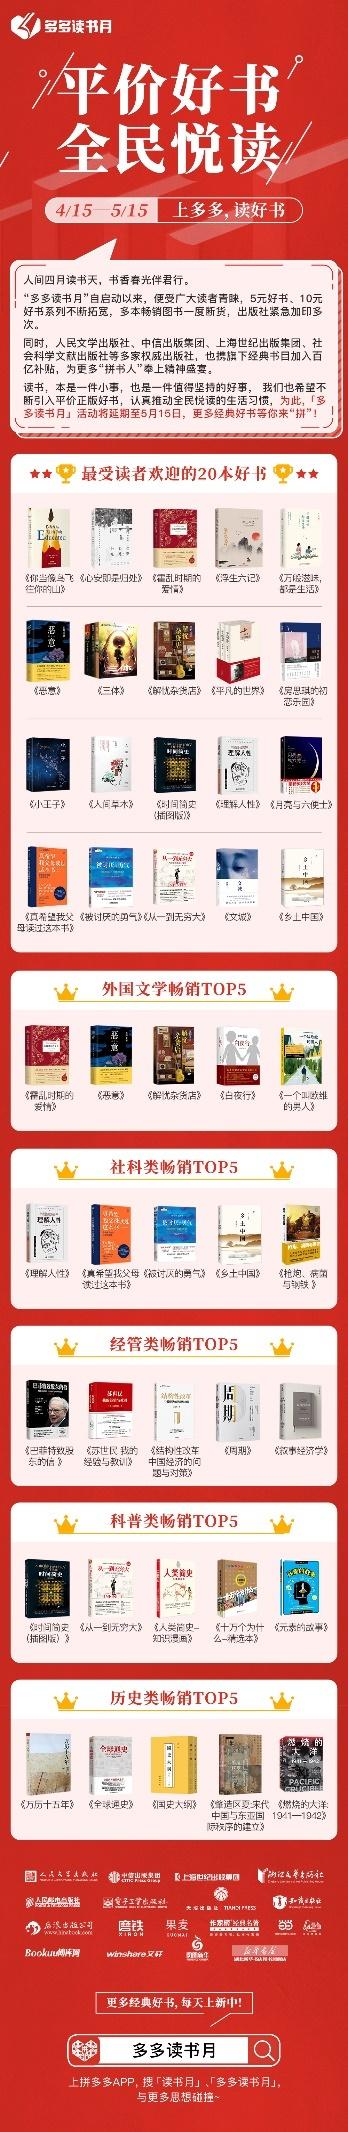 豆瓣书籍排行_豆瓣热门非金庸创作武侠图书Top10,这个排名我不太服呀